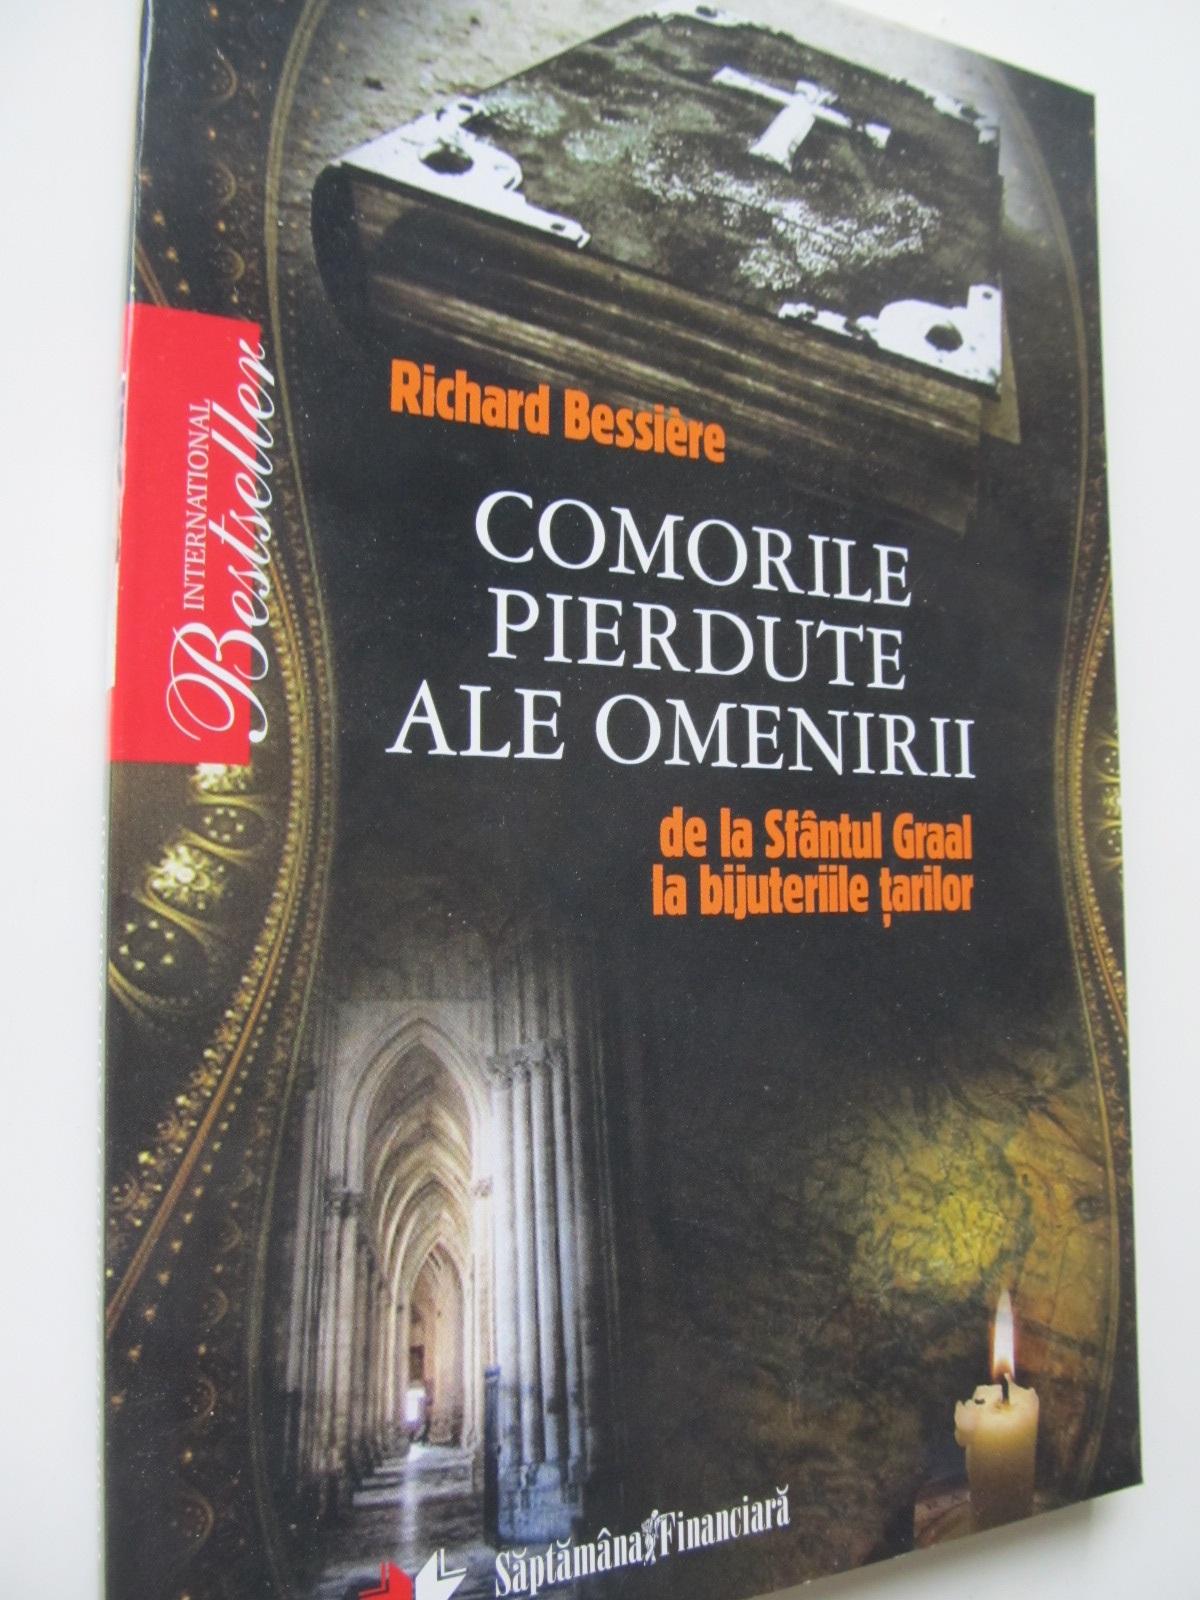 Comorile pierdute ale omenirii de la Sfantul Graal la bijuteriile tarilor - Richard Bessiere | Detalii carte